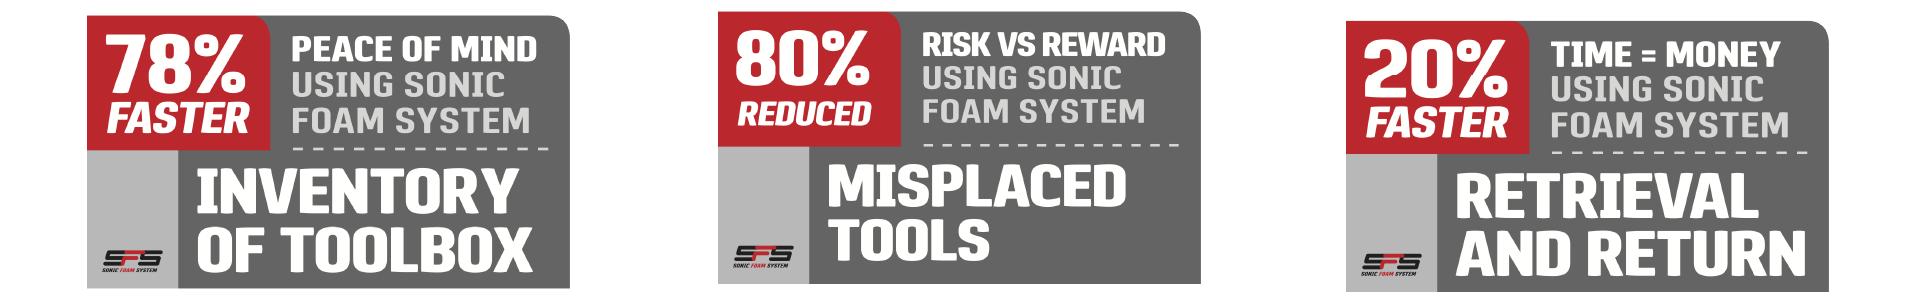 20 percent faster, 78 percent faster, 80 percent less lost tools